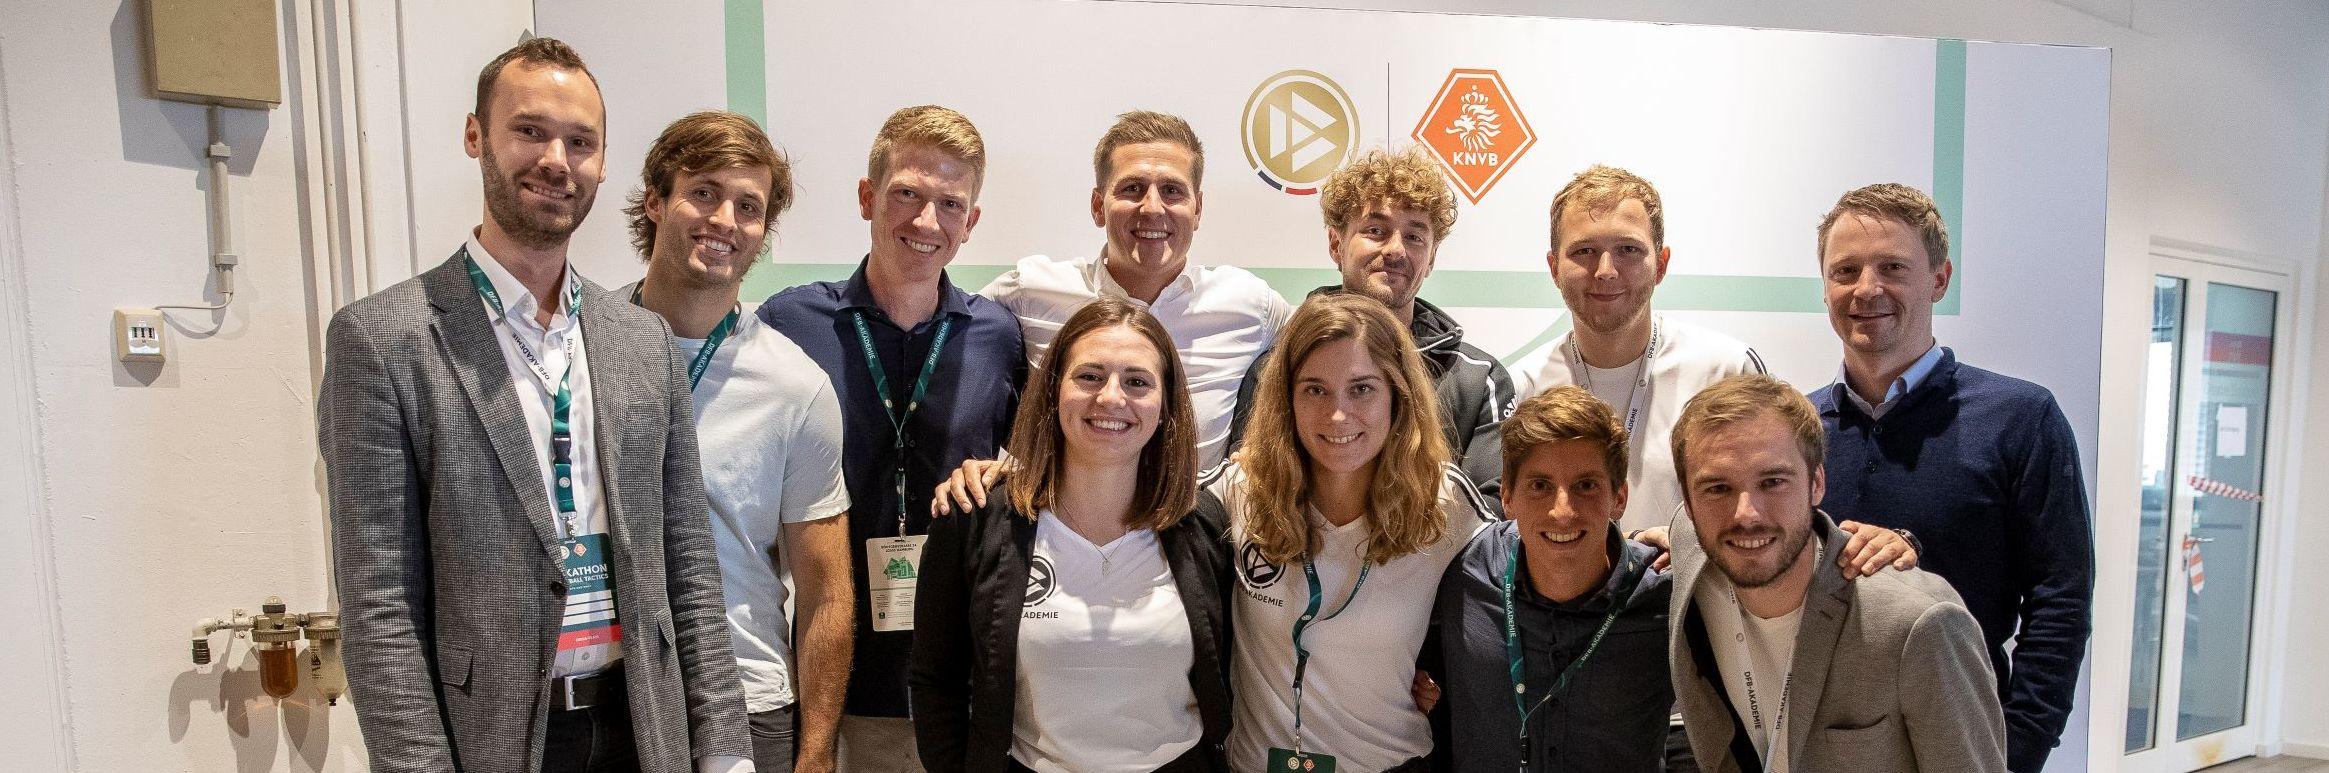 DFB-Akademie-Team beim ersten Hackathon © 2019 Getty Images